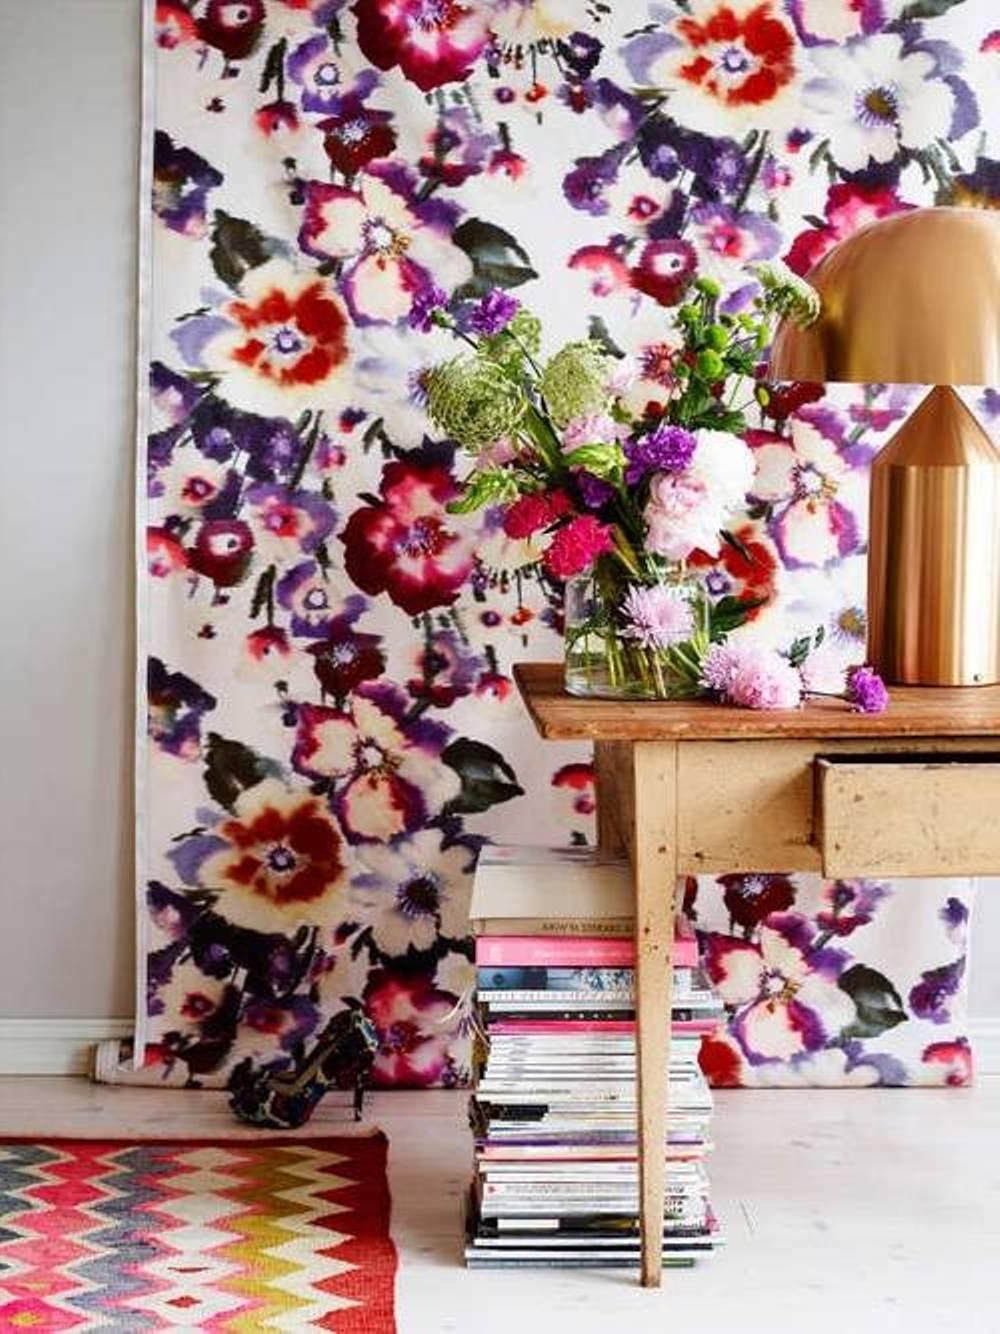 ... idee semplici ed originali per decorare le pareti di casa - Casa.it